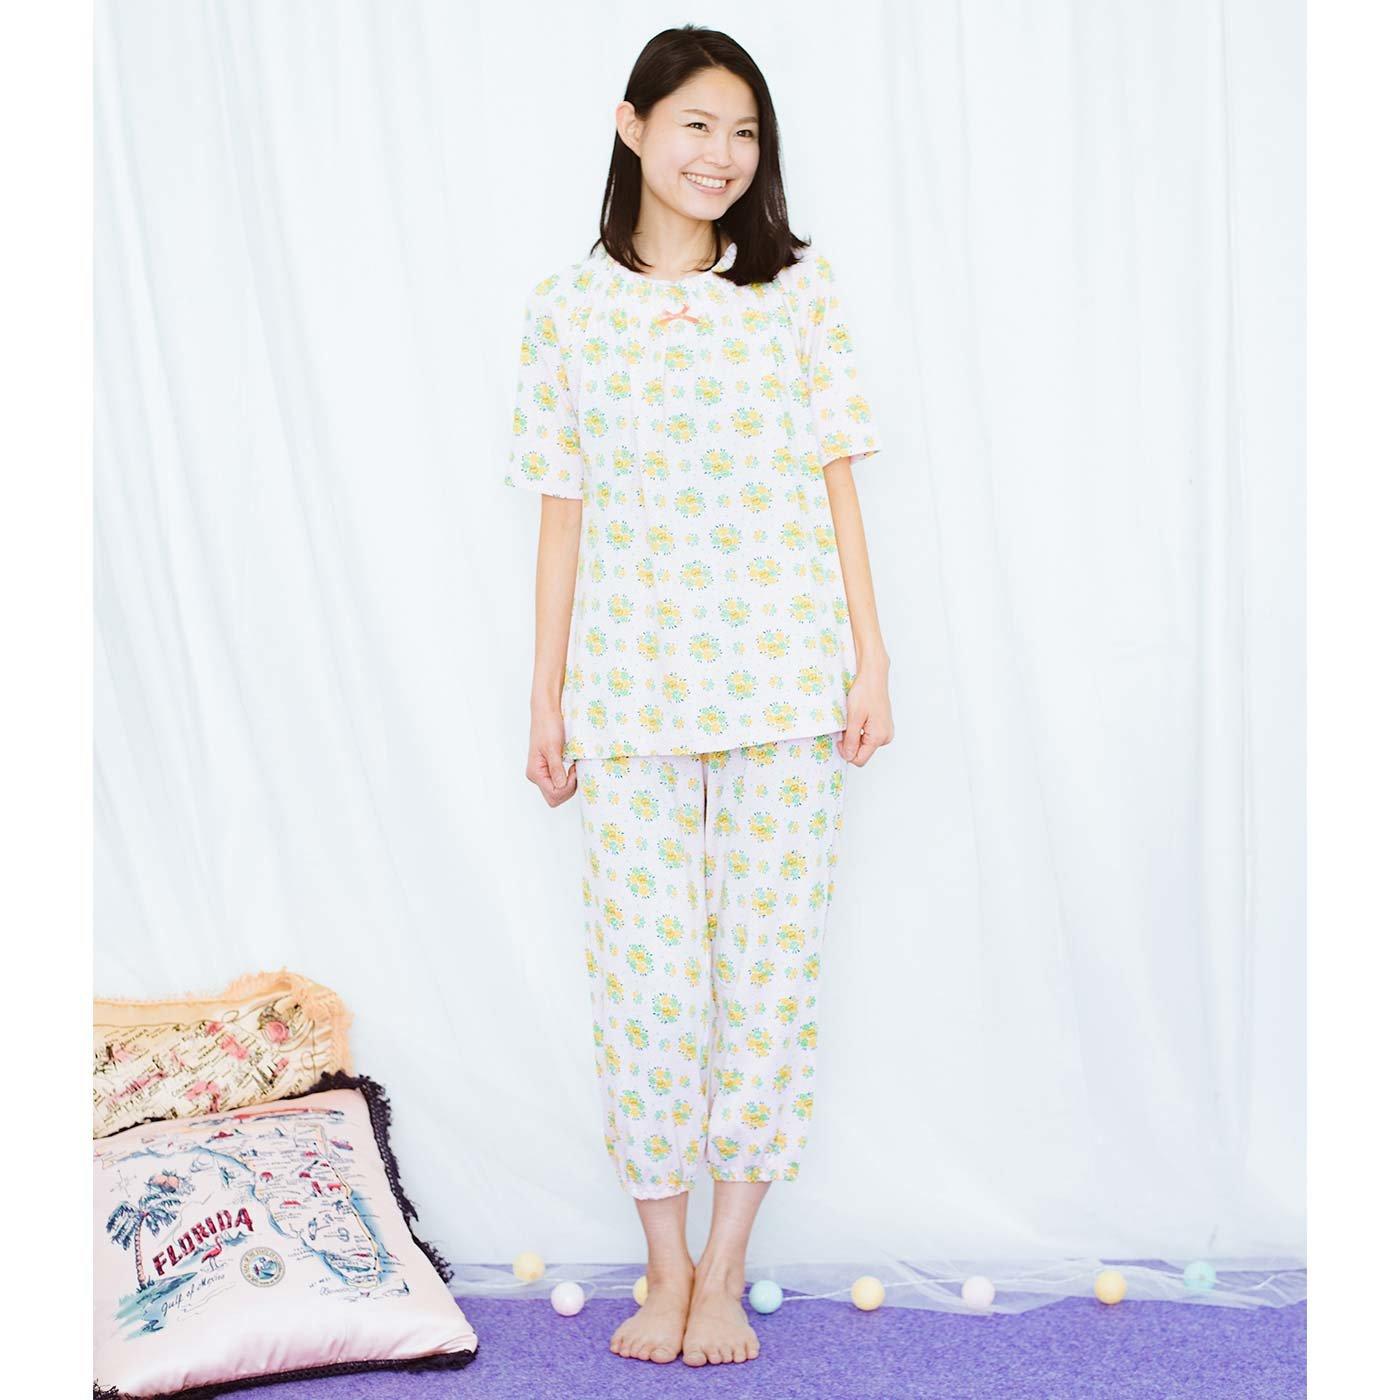 フェリシモキッズ×猫部 お花柄の中に猫がひそむパジャマ〈レディース〉の会